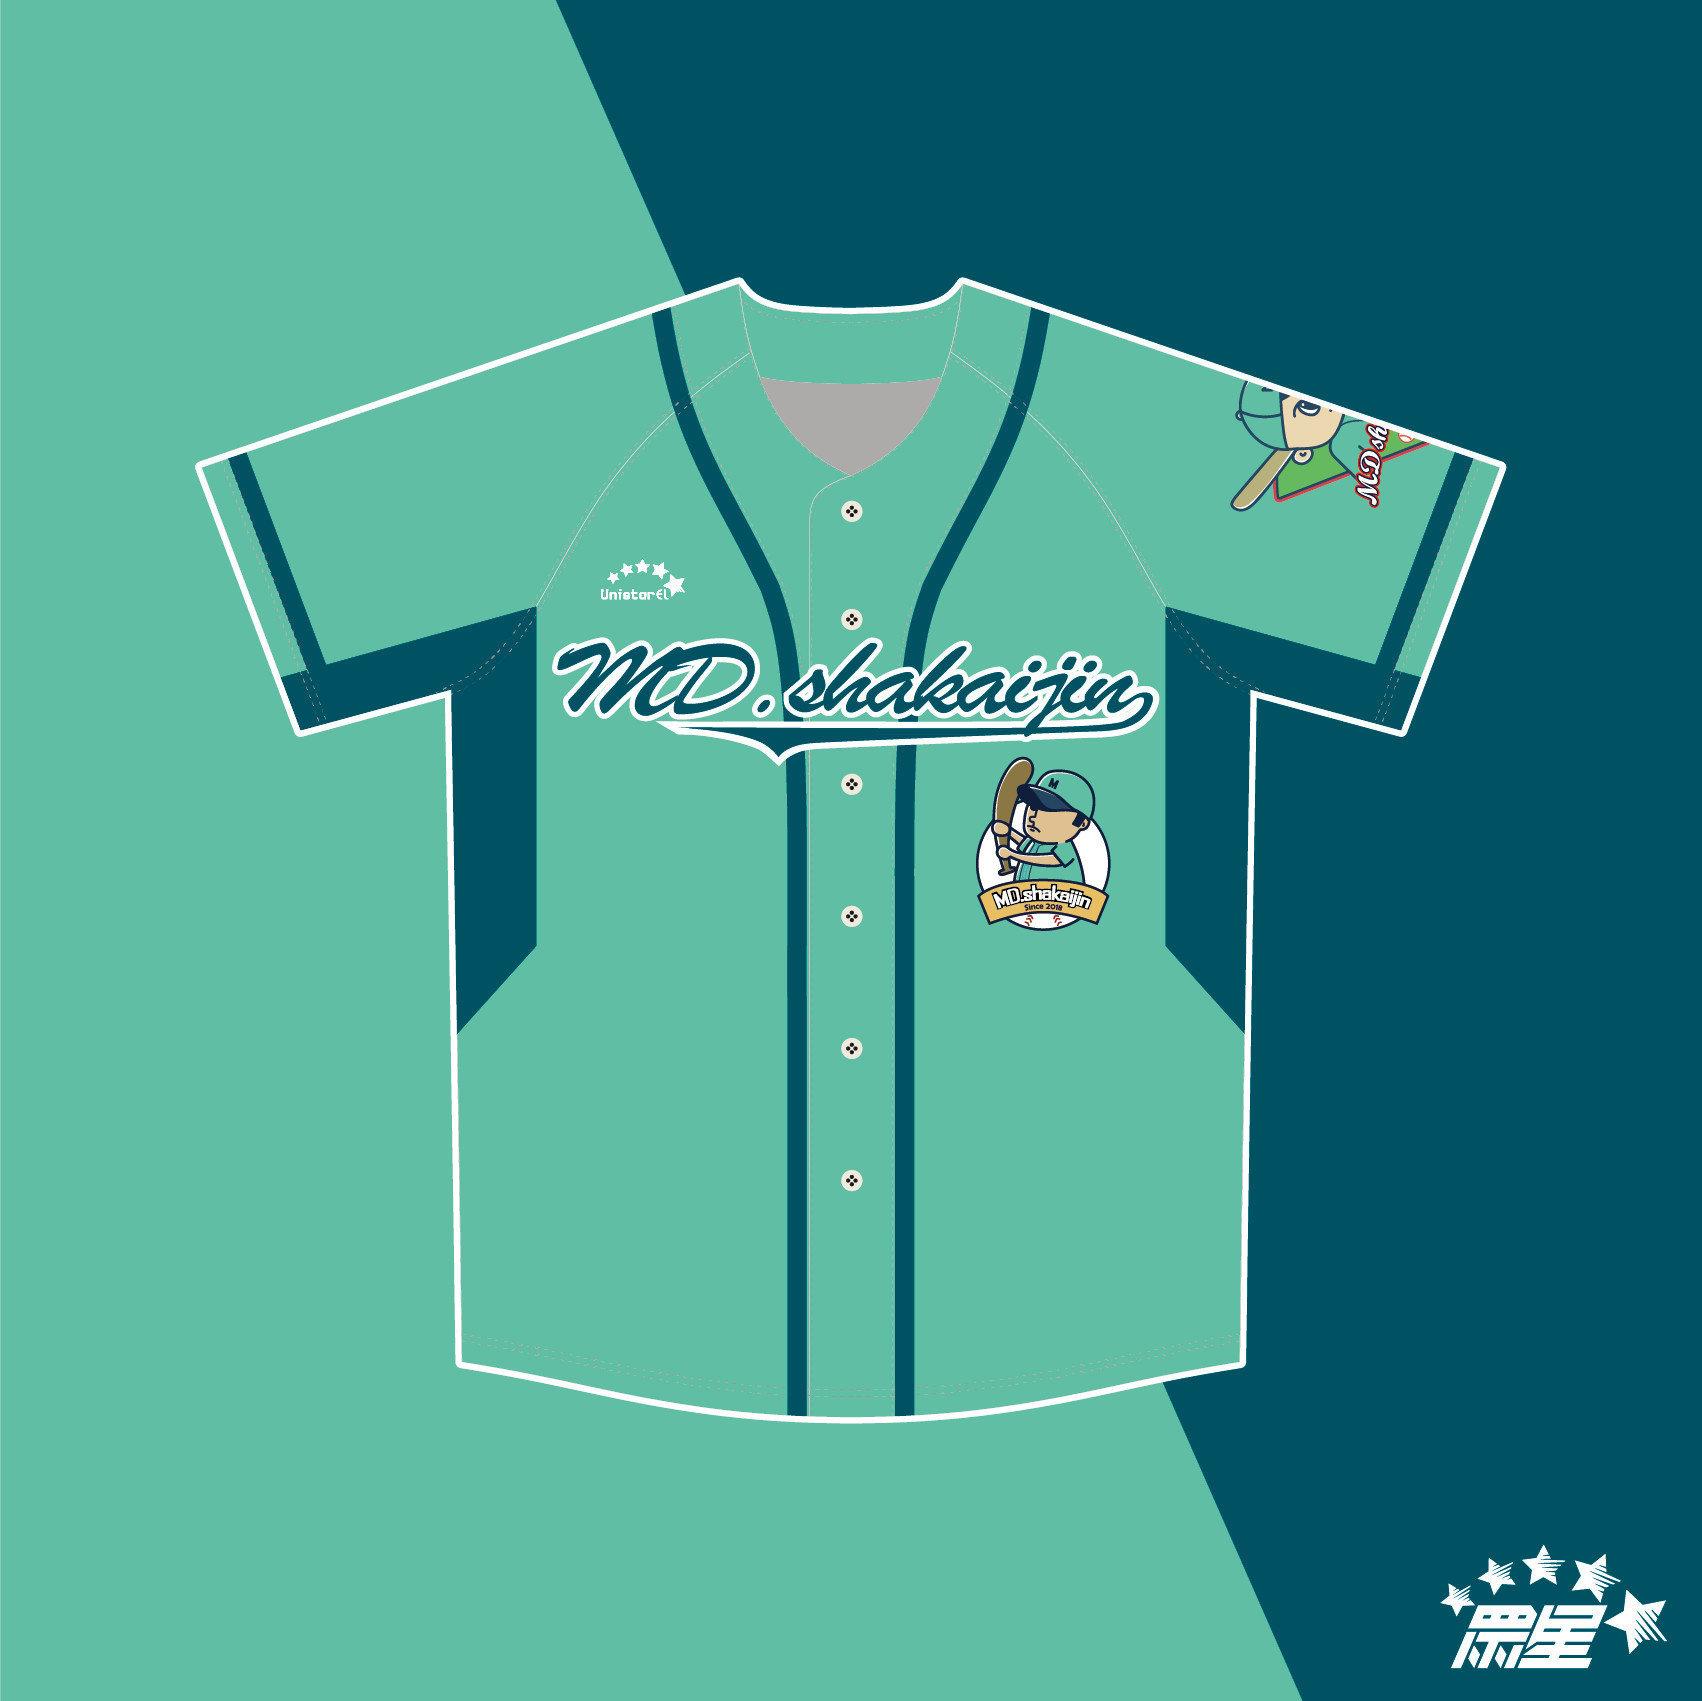 熱血棒球魂:麻豆社會人藍綠色經典棒球裝